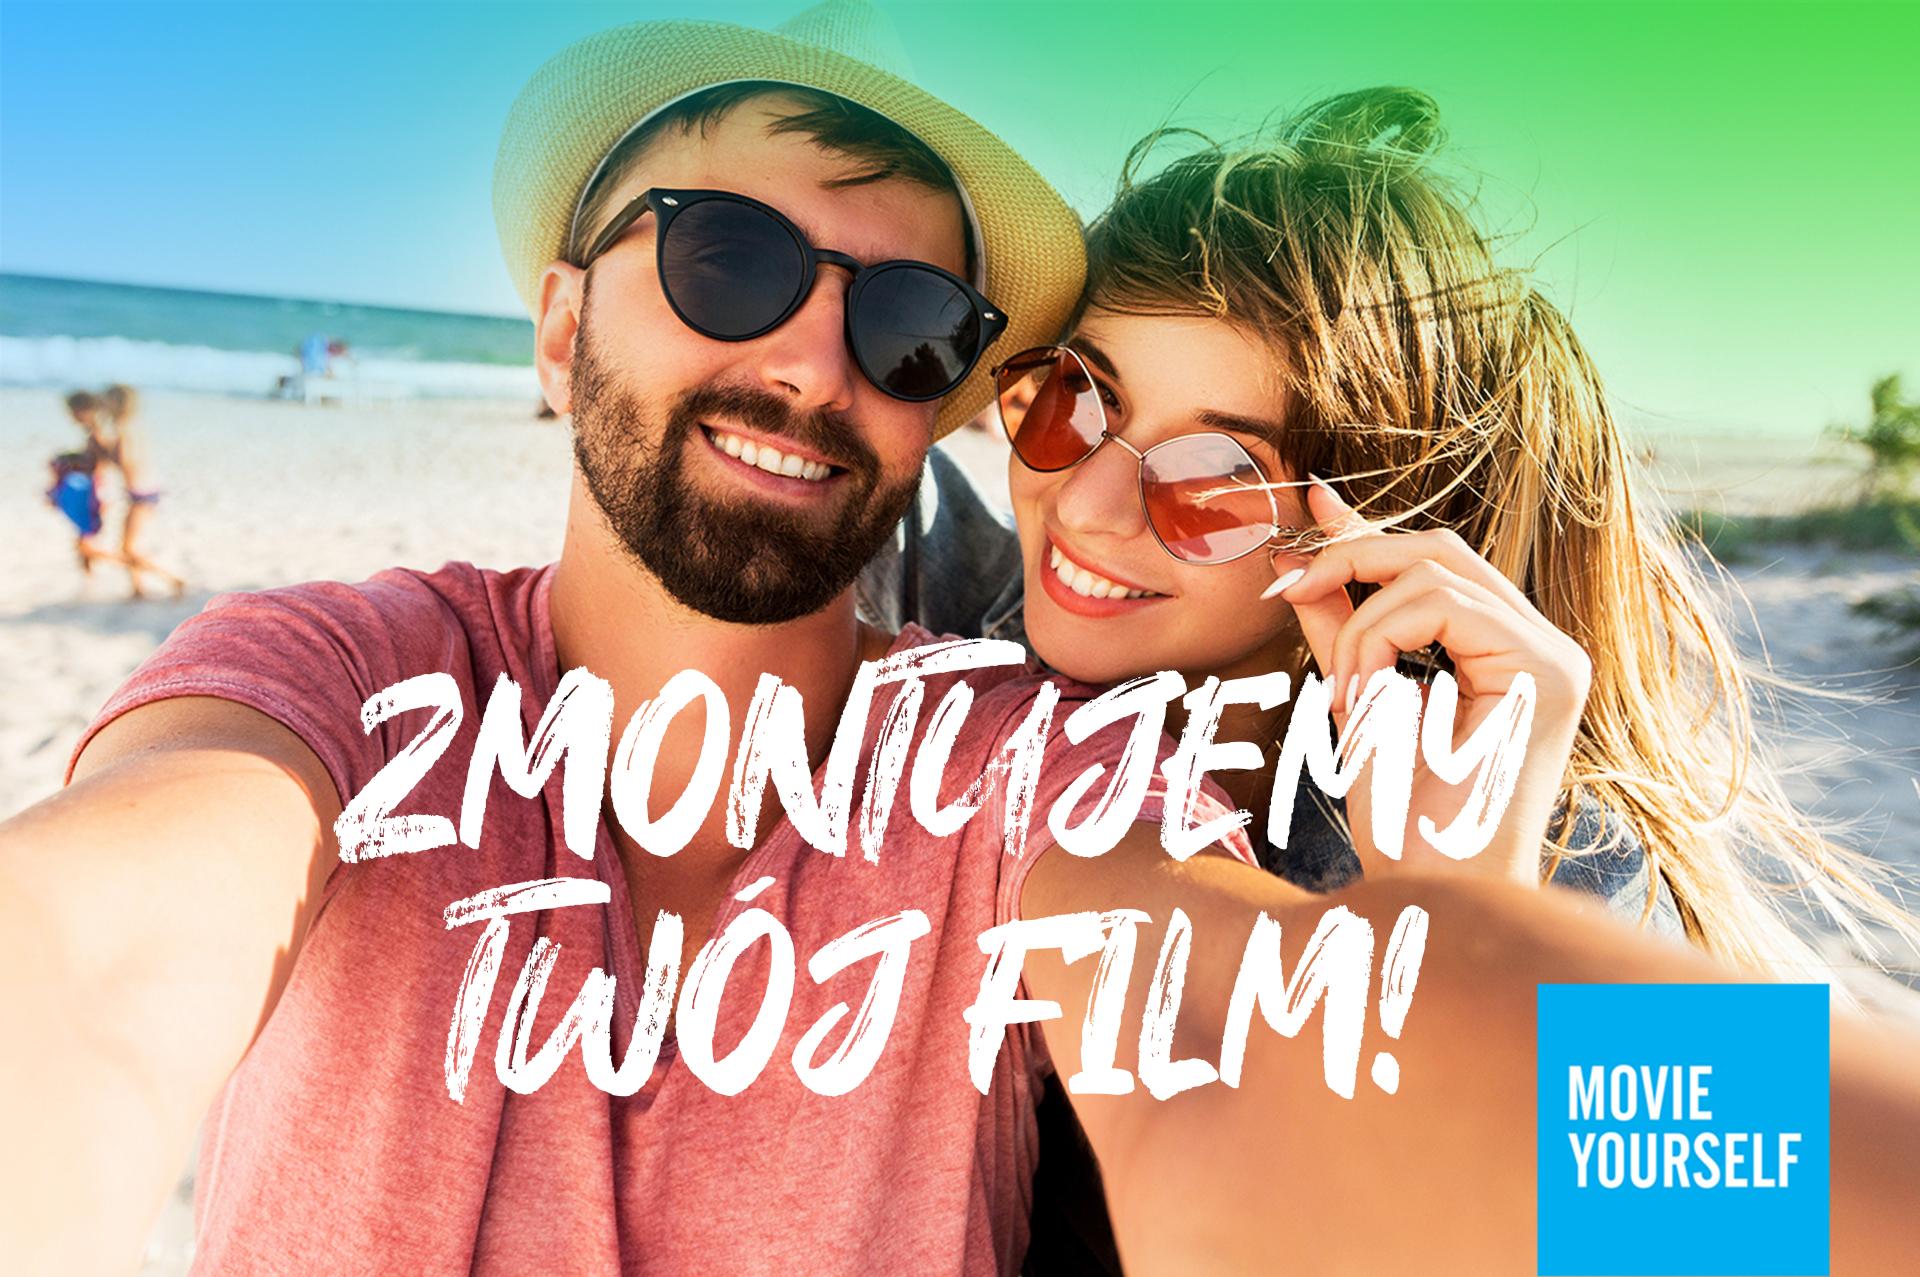 Dynamiczny film jako wyjątkowa pamiątka wakacji - jak to zrobić z MovieYourself?